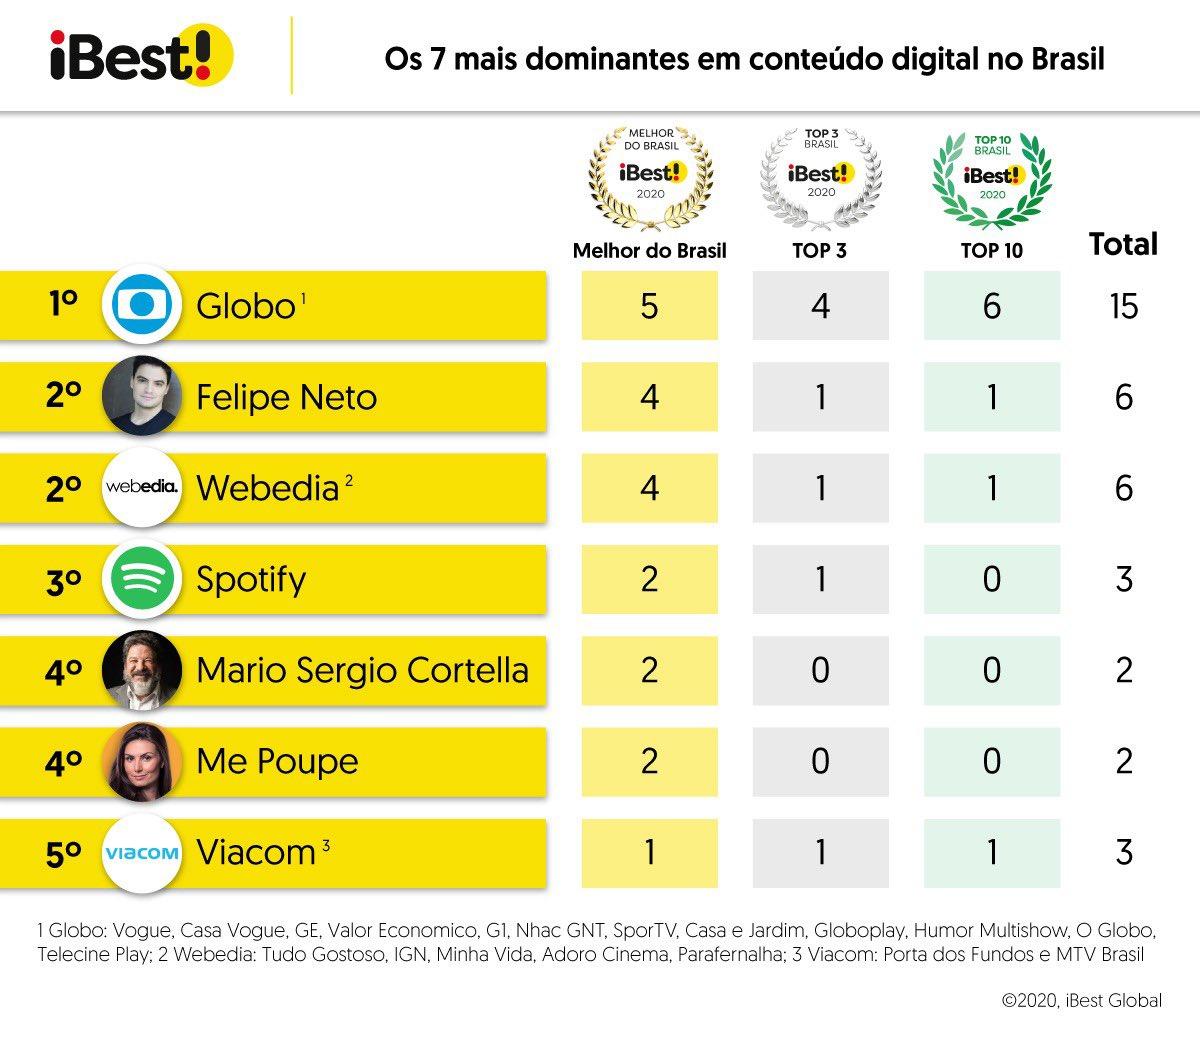 Confira as iniciativas de Conteúdo Digital mais dominantes da internet brasileira - aquelas que lideram um maior número de categorias do iBest.  Em Conteúdos Digitais, o Globo foi o grupo mais dominante, e em 2º lugar, empatados, Felipe Neto e Webedia.